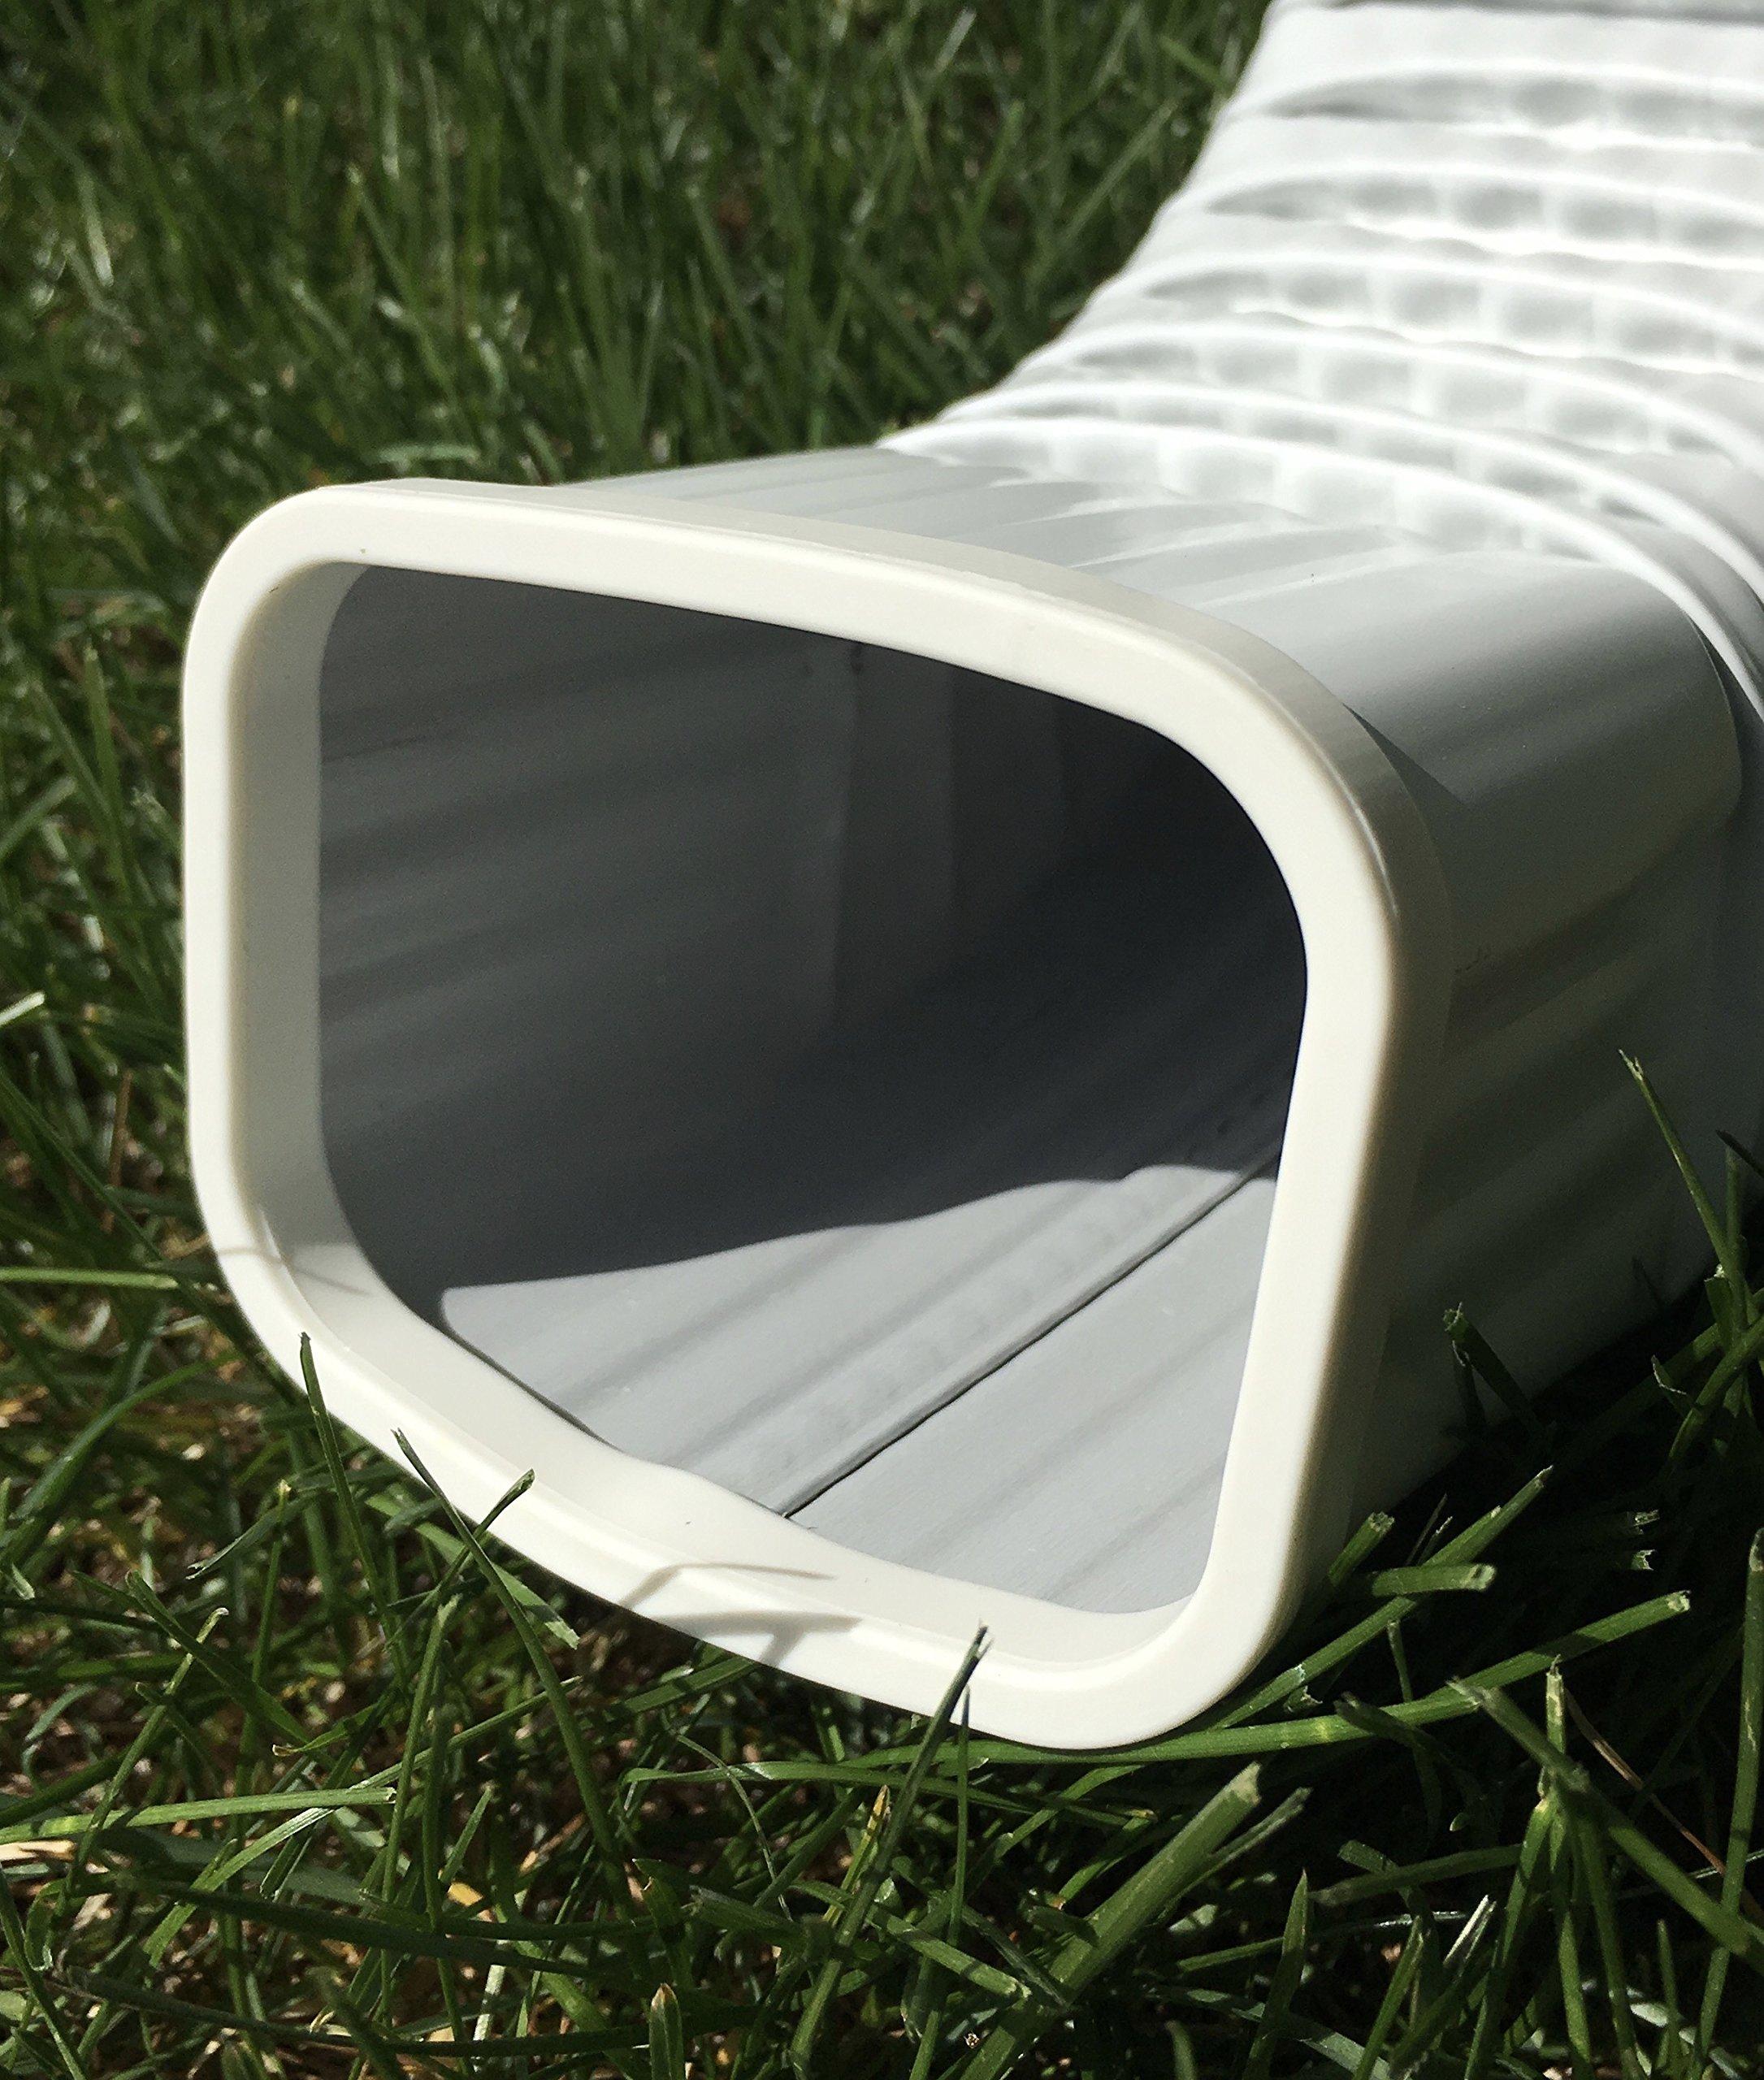 Downspout Safety Cap 3x4 White 4PK